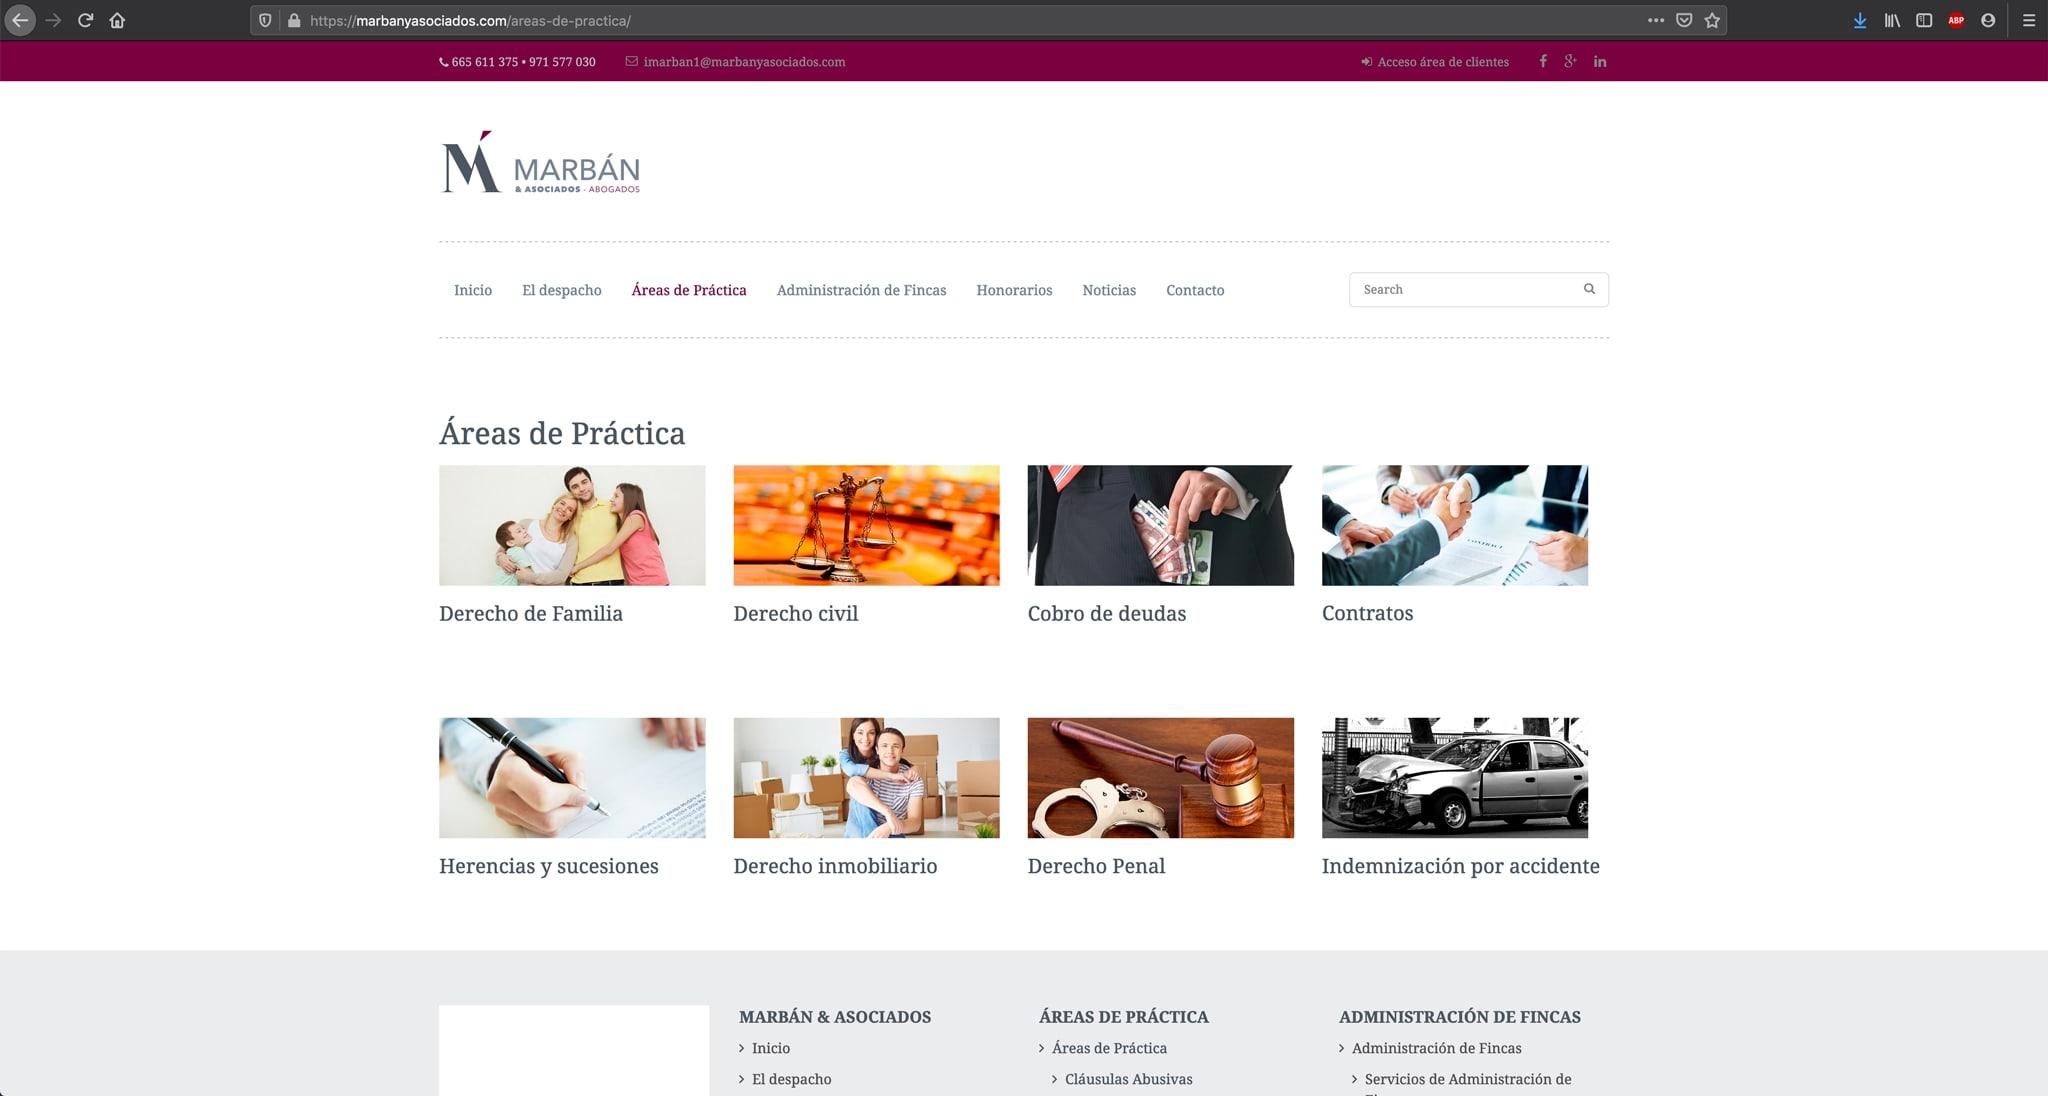 Website Marban y Asociados - Adogados - Áreas de práctica